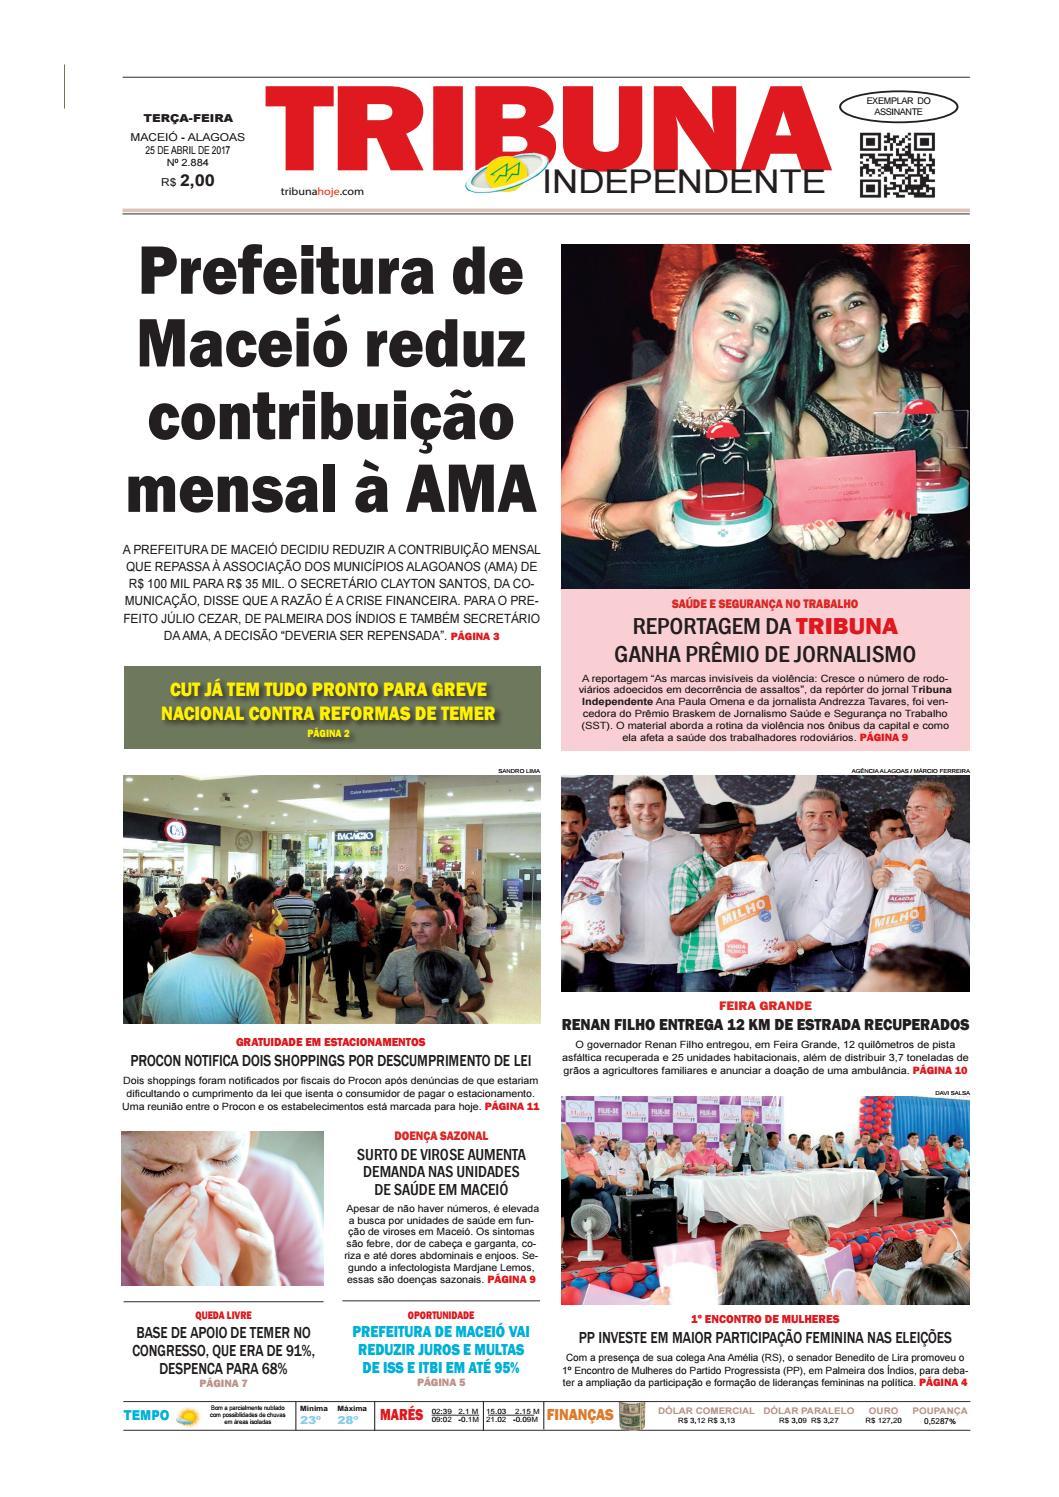 085d8265e Edição número 2884 - 25 de abril de 2017 by Tribuna Hoje - issuu